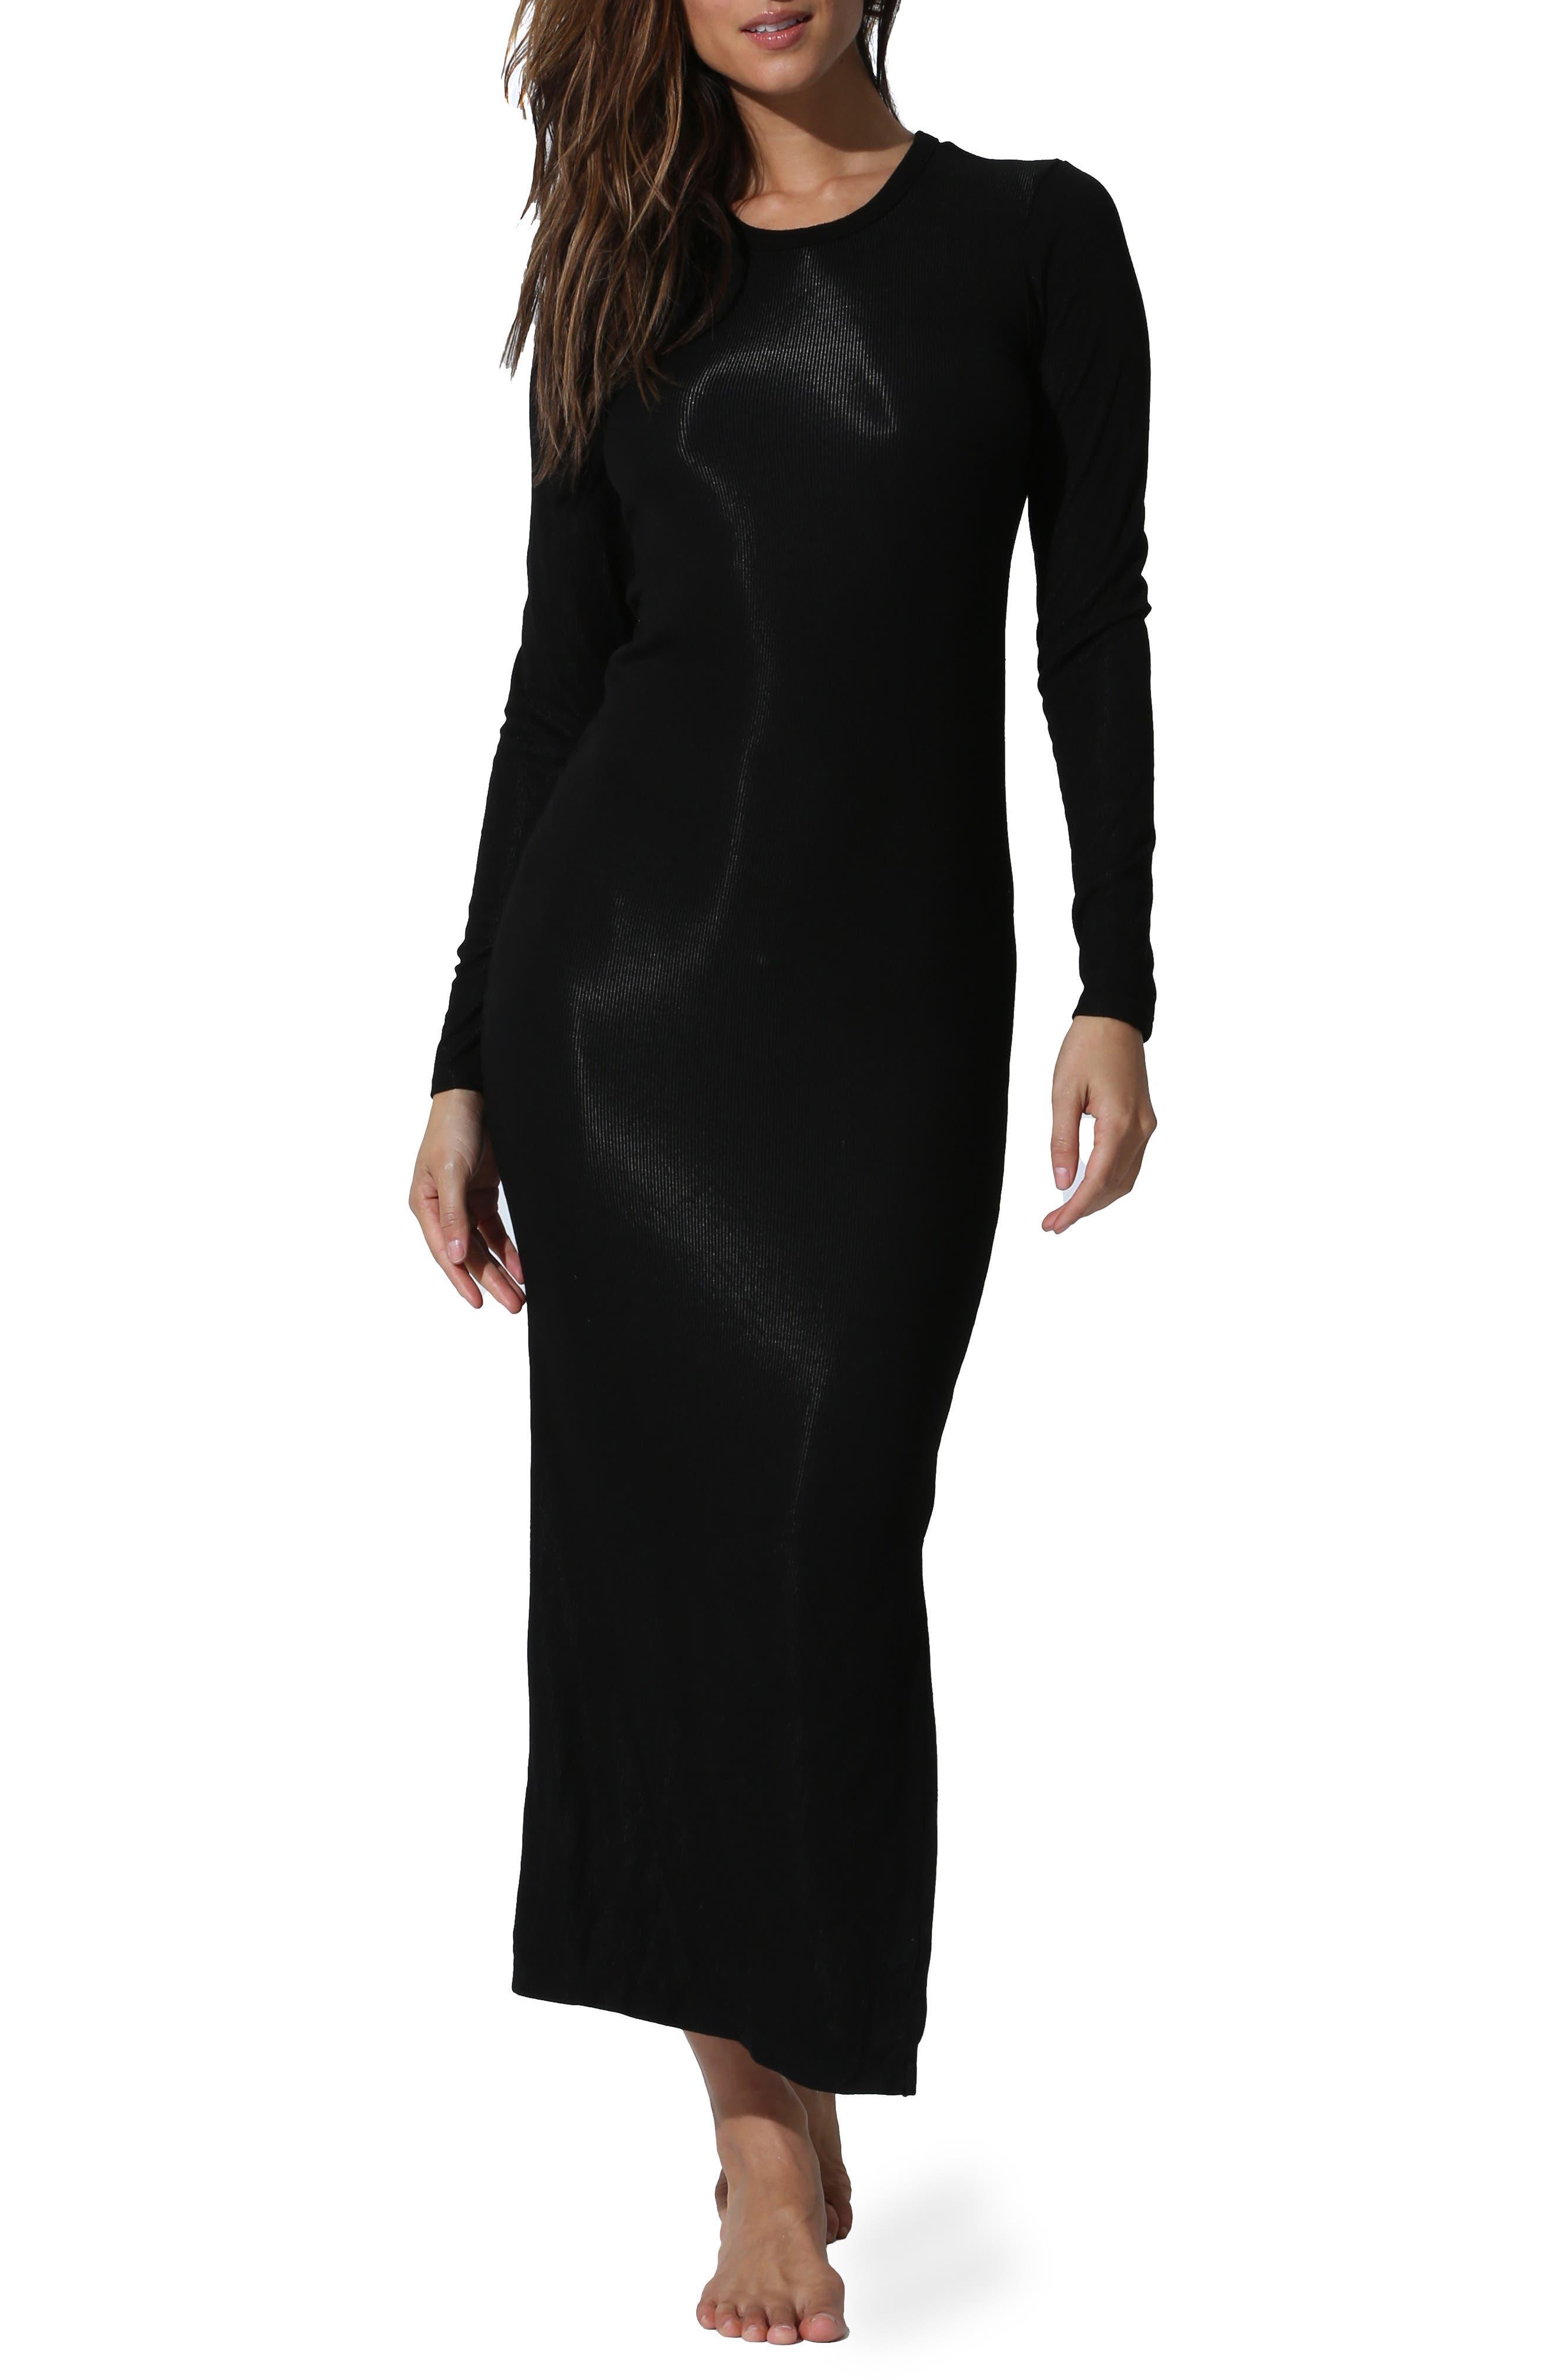 Robyn Long Sleeve Body-Con Dress